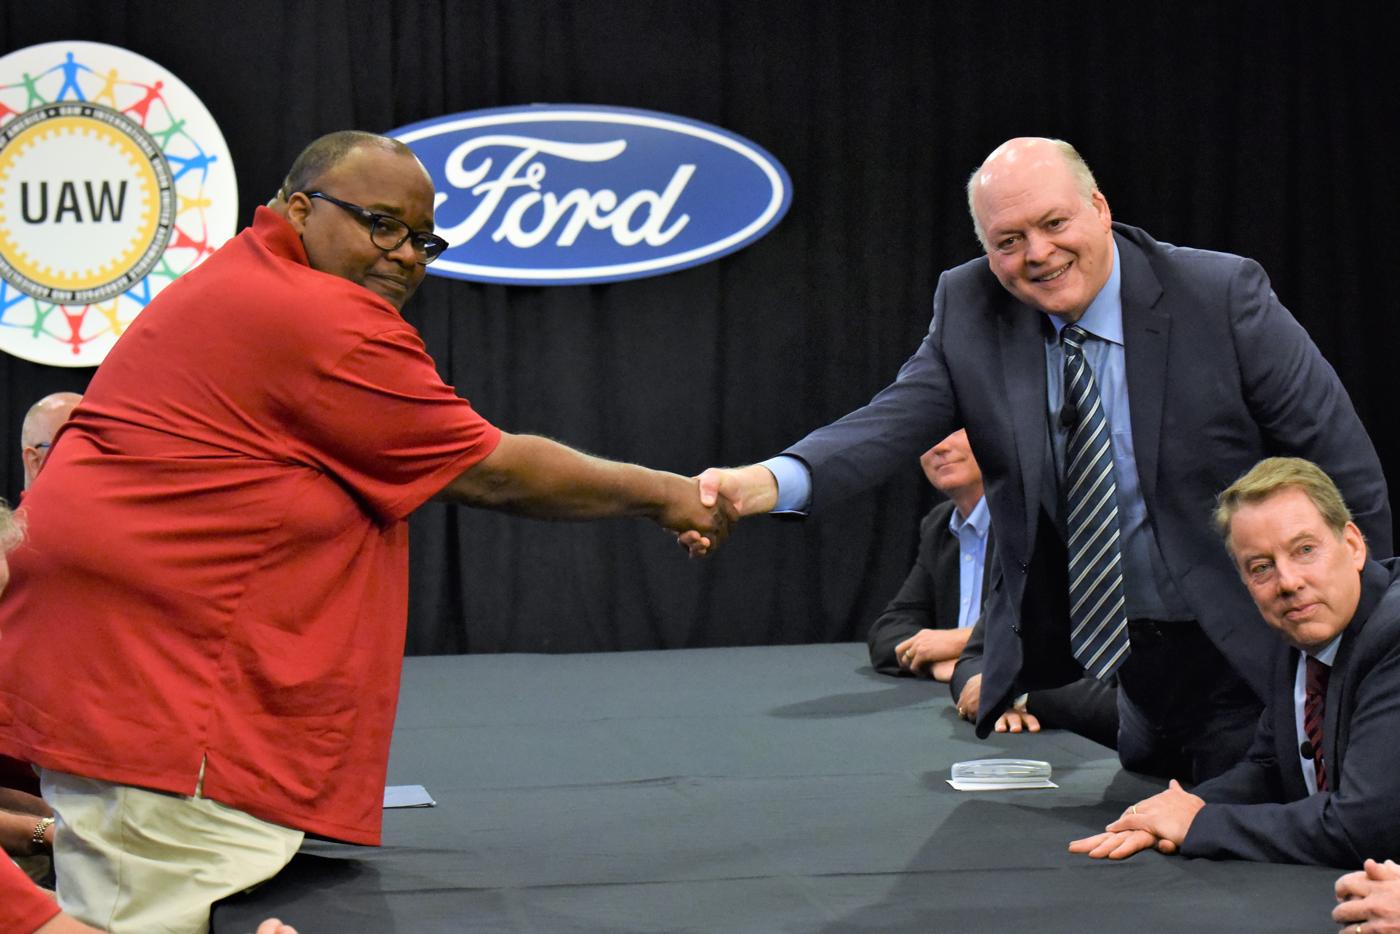 Ford UAW Handshake